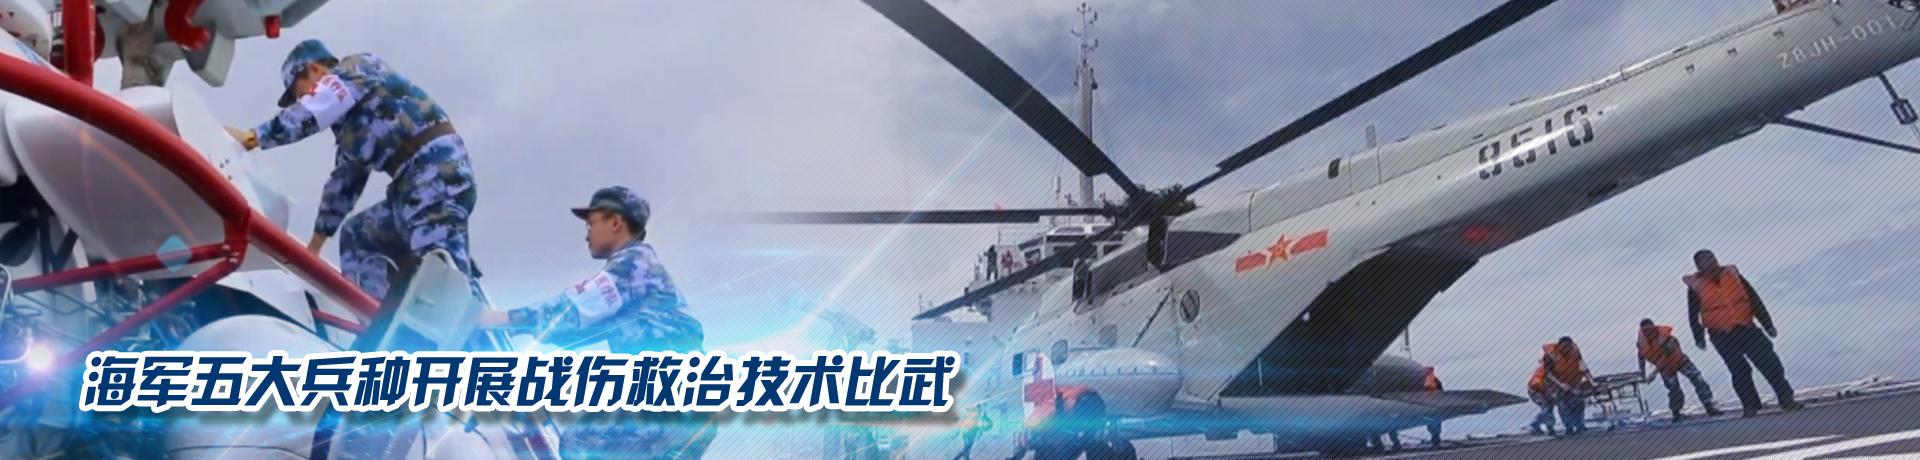 海军五大兵种开展战伤救治技术比武